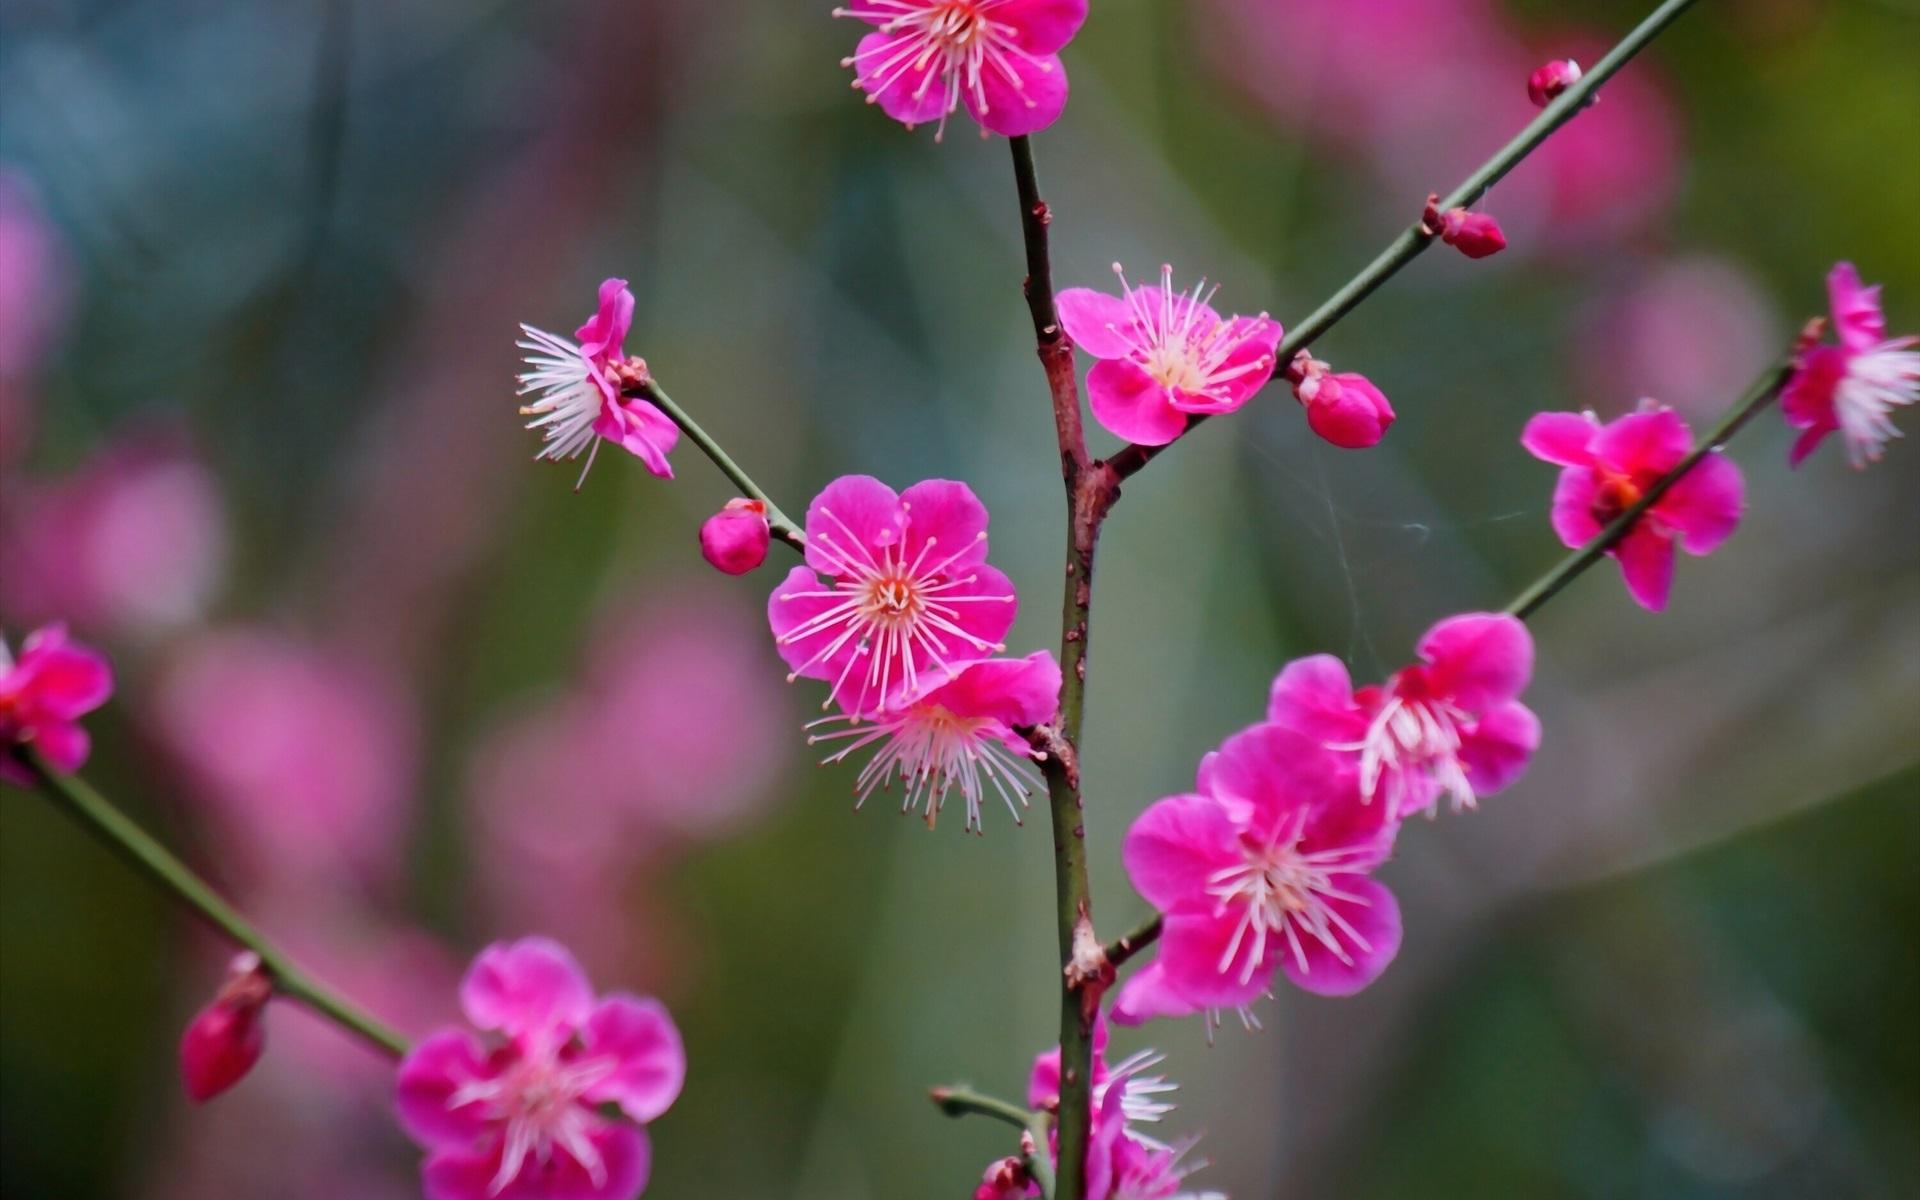 Fondos De Pantalla Hd Flores: Fondos De Pantalla Flores Japonesas Del Albaricoque Rosado